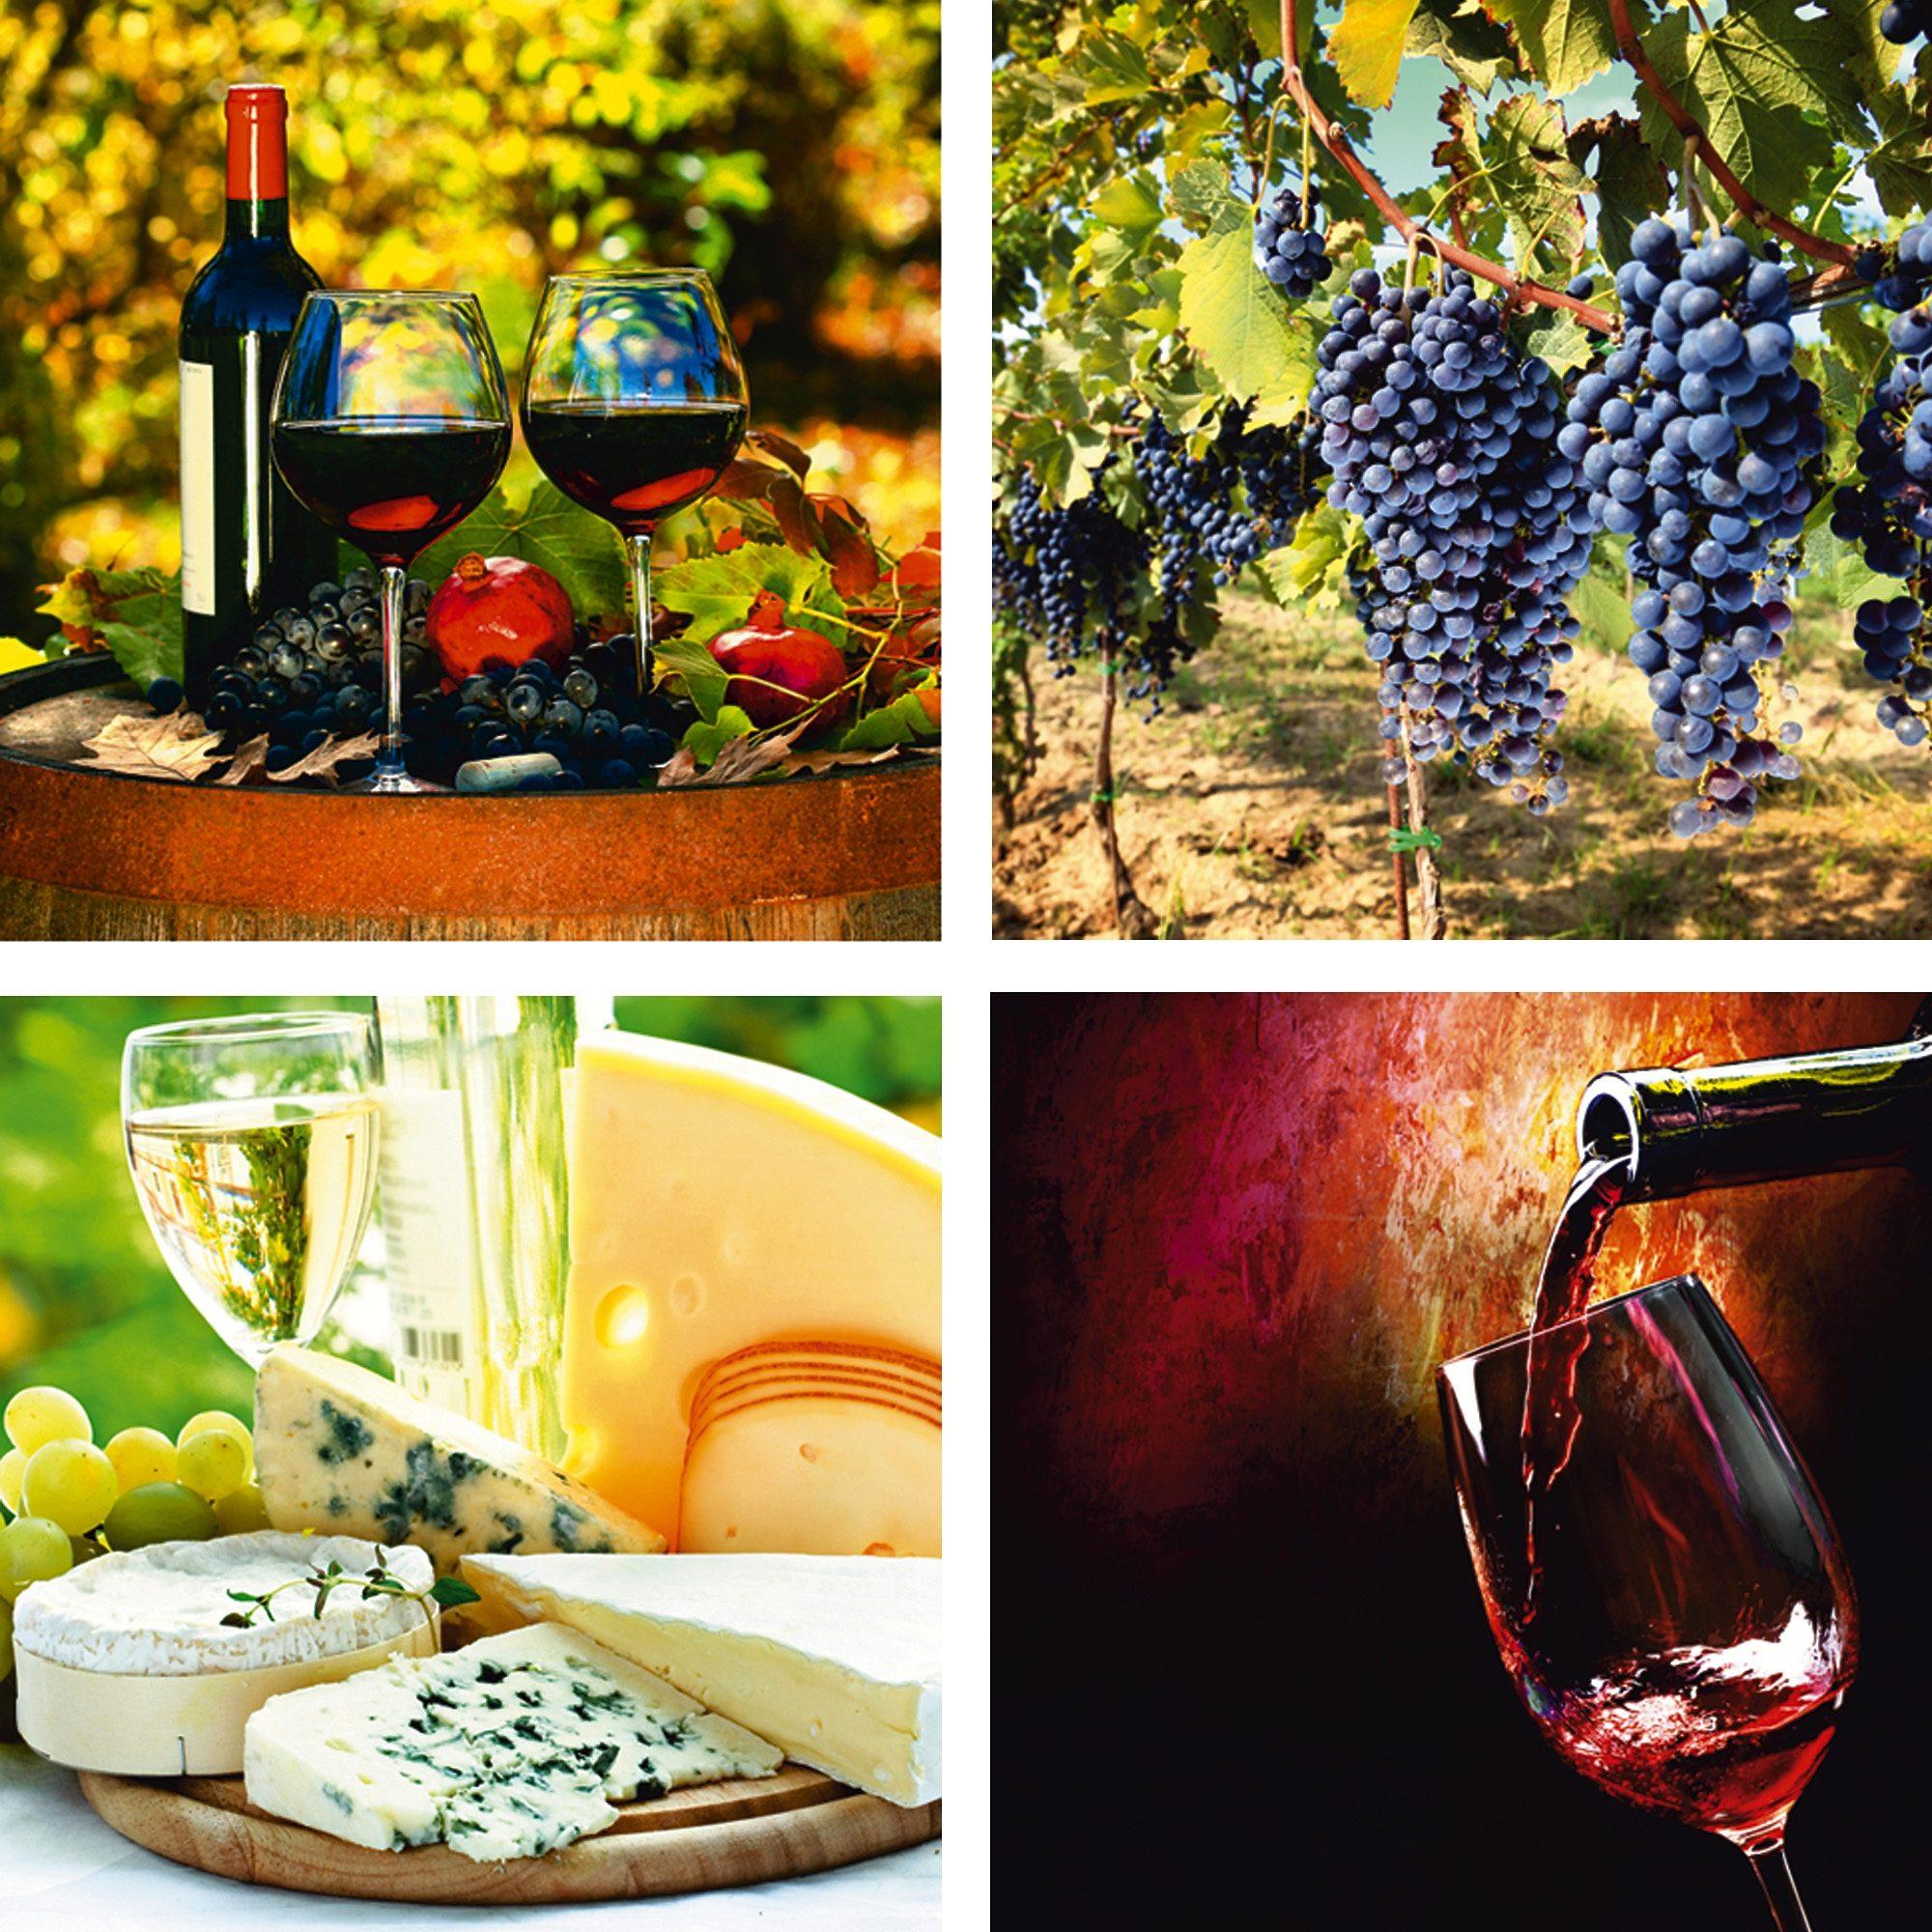 Leinwandbilder, Home affaire, »Gläser, Weintrauben, Käse, Wein« (4-tlg.)